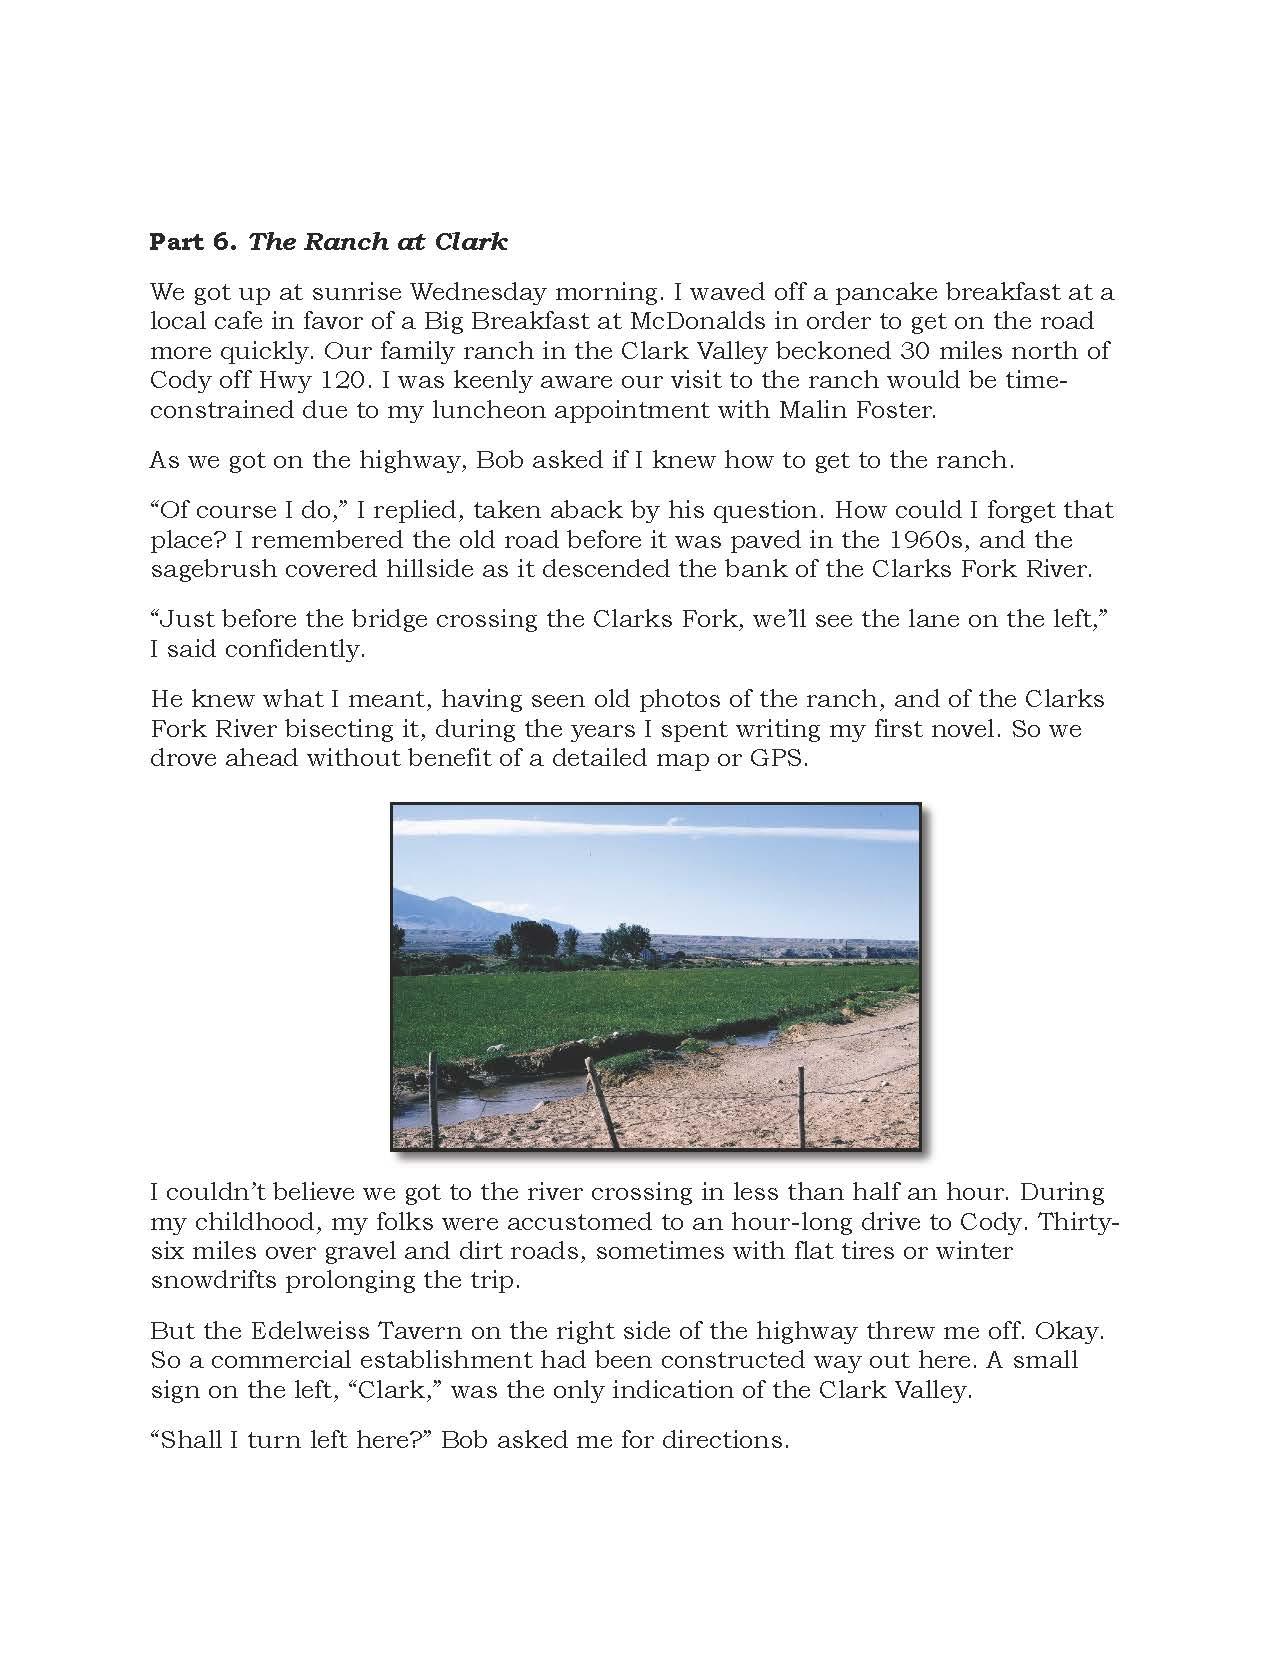 wyoming-book-tour-master-rev-10-23-16-1_page_13